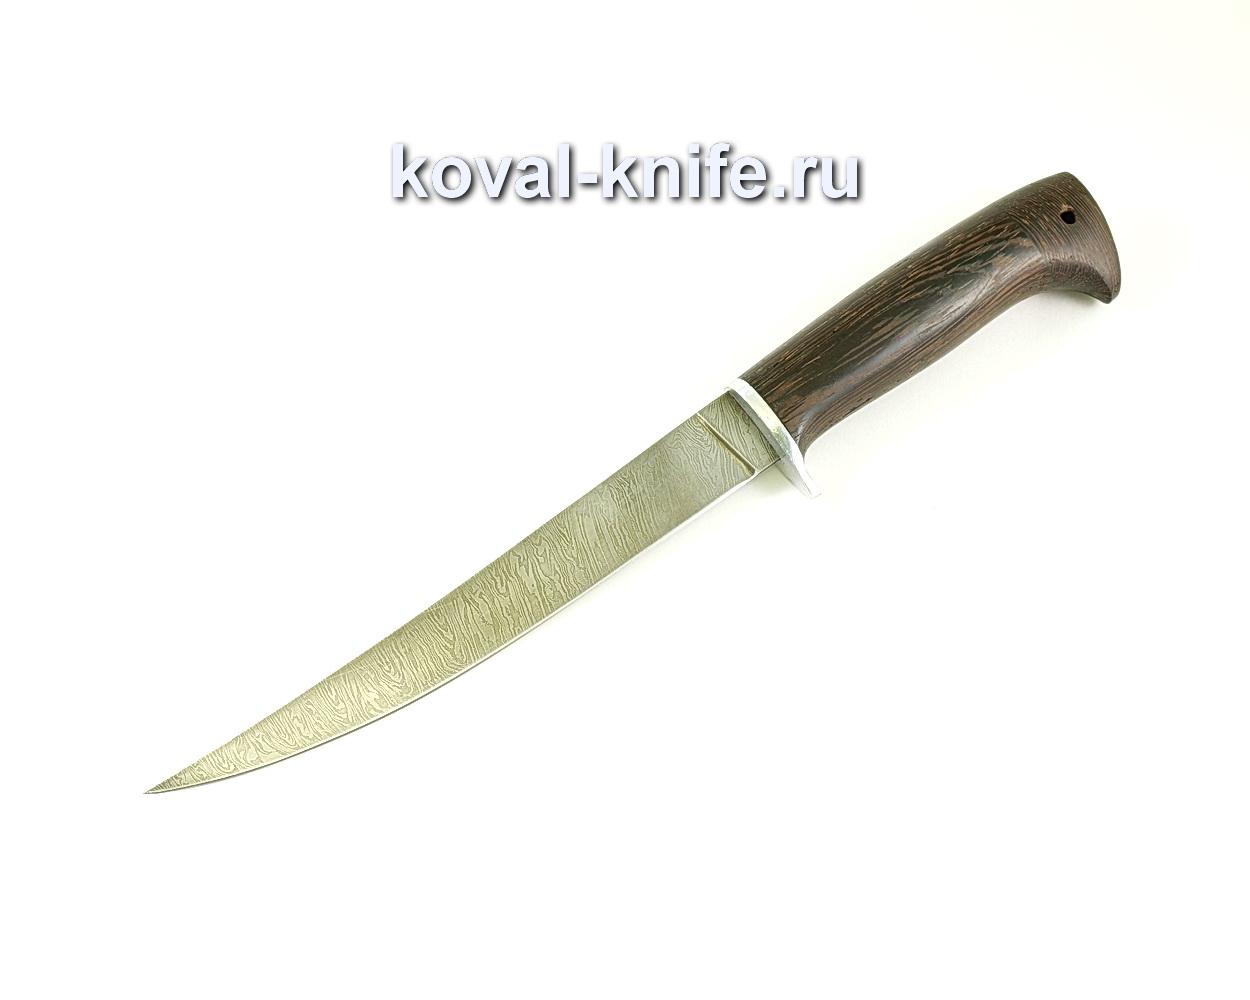 Нож Филейный (сталь дамасская), рукоять венге A063